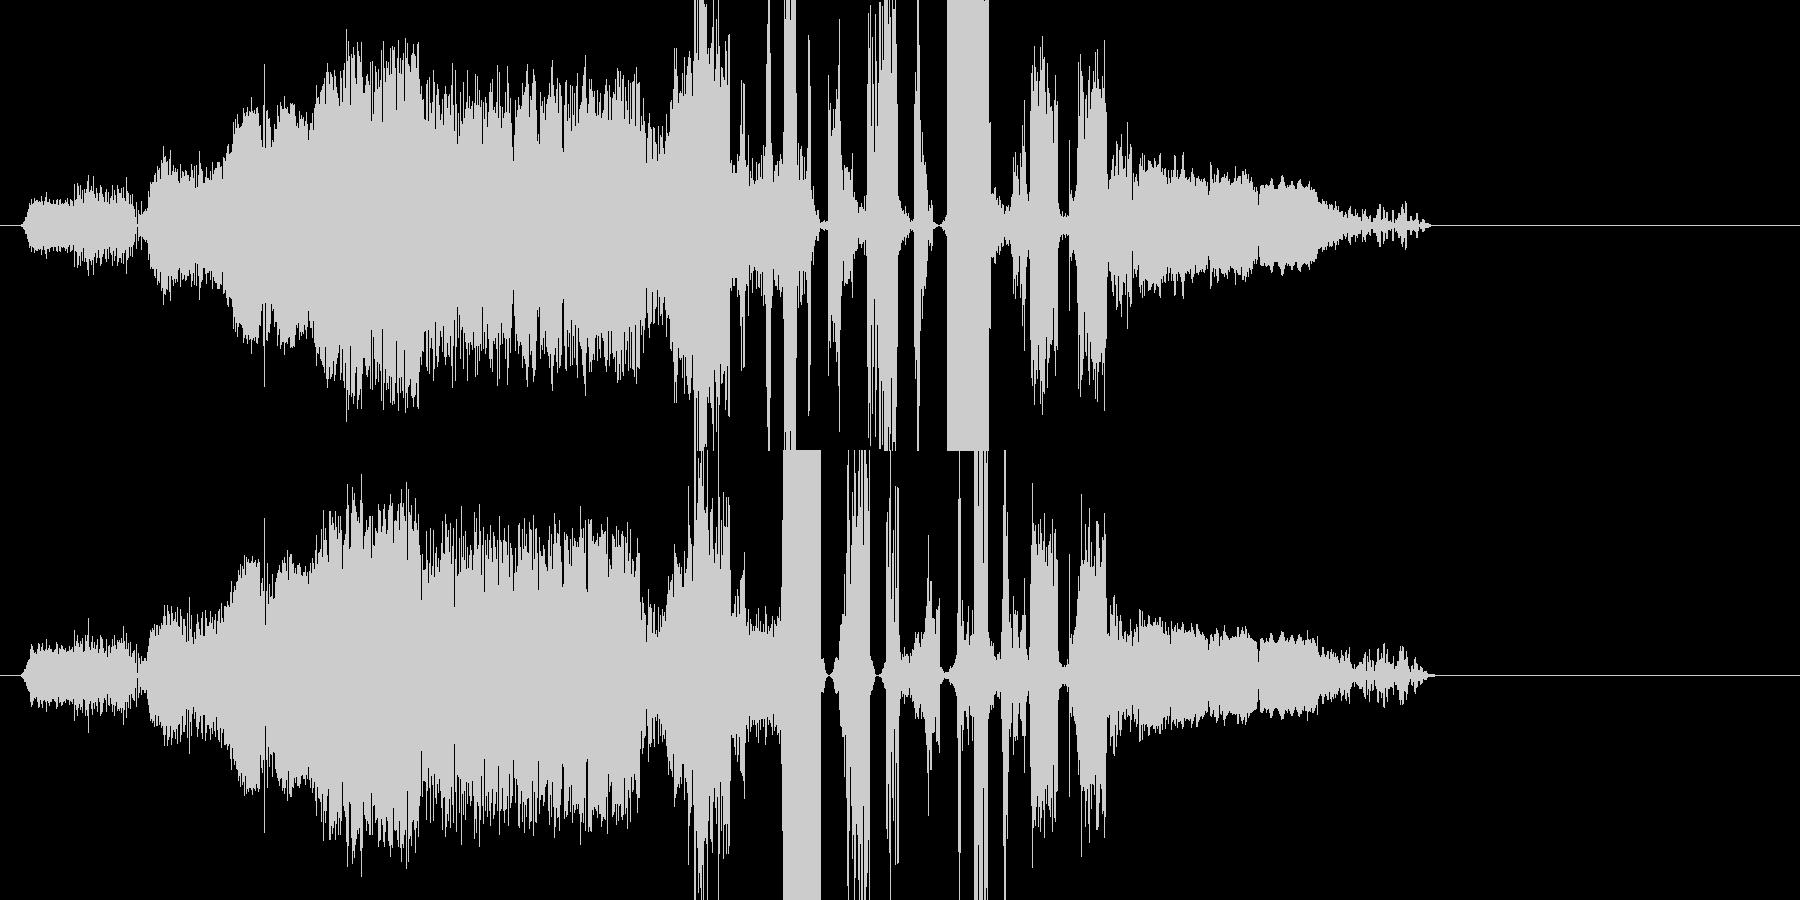 FMジングルキット 効果音の未再生の波形